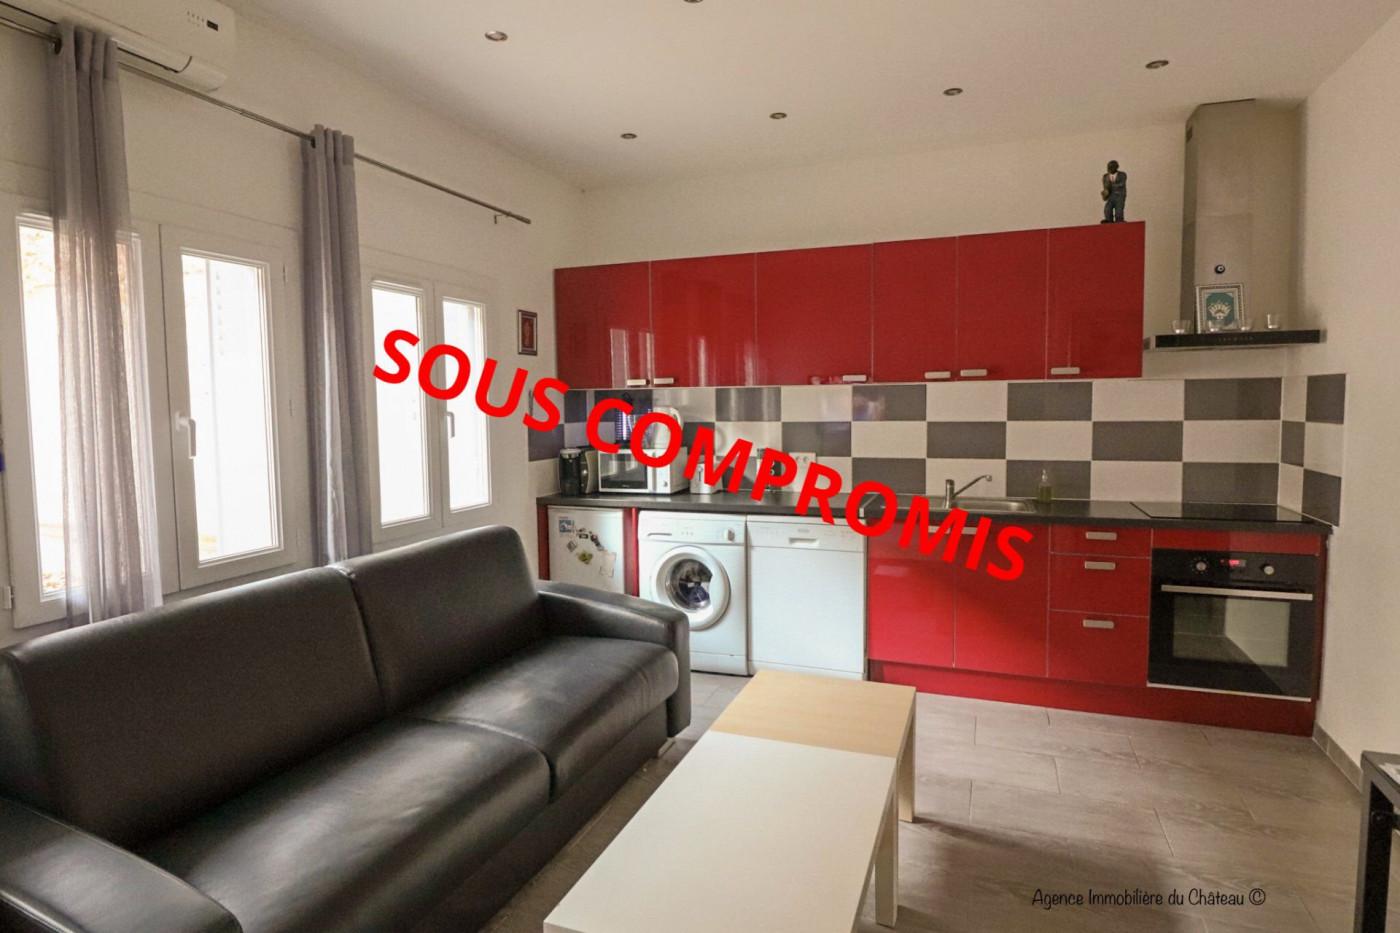 A vendre  Marseille 8ème   Réf 130301 - Agence immobilière du château